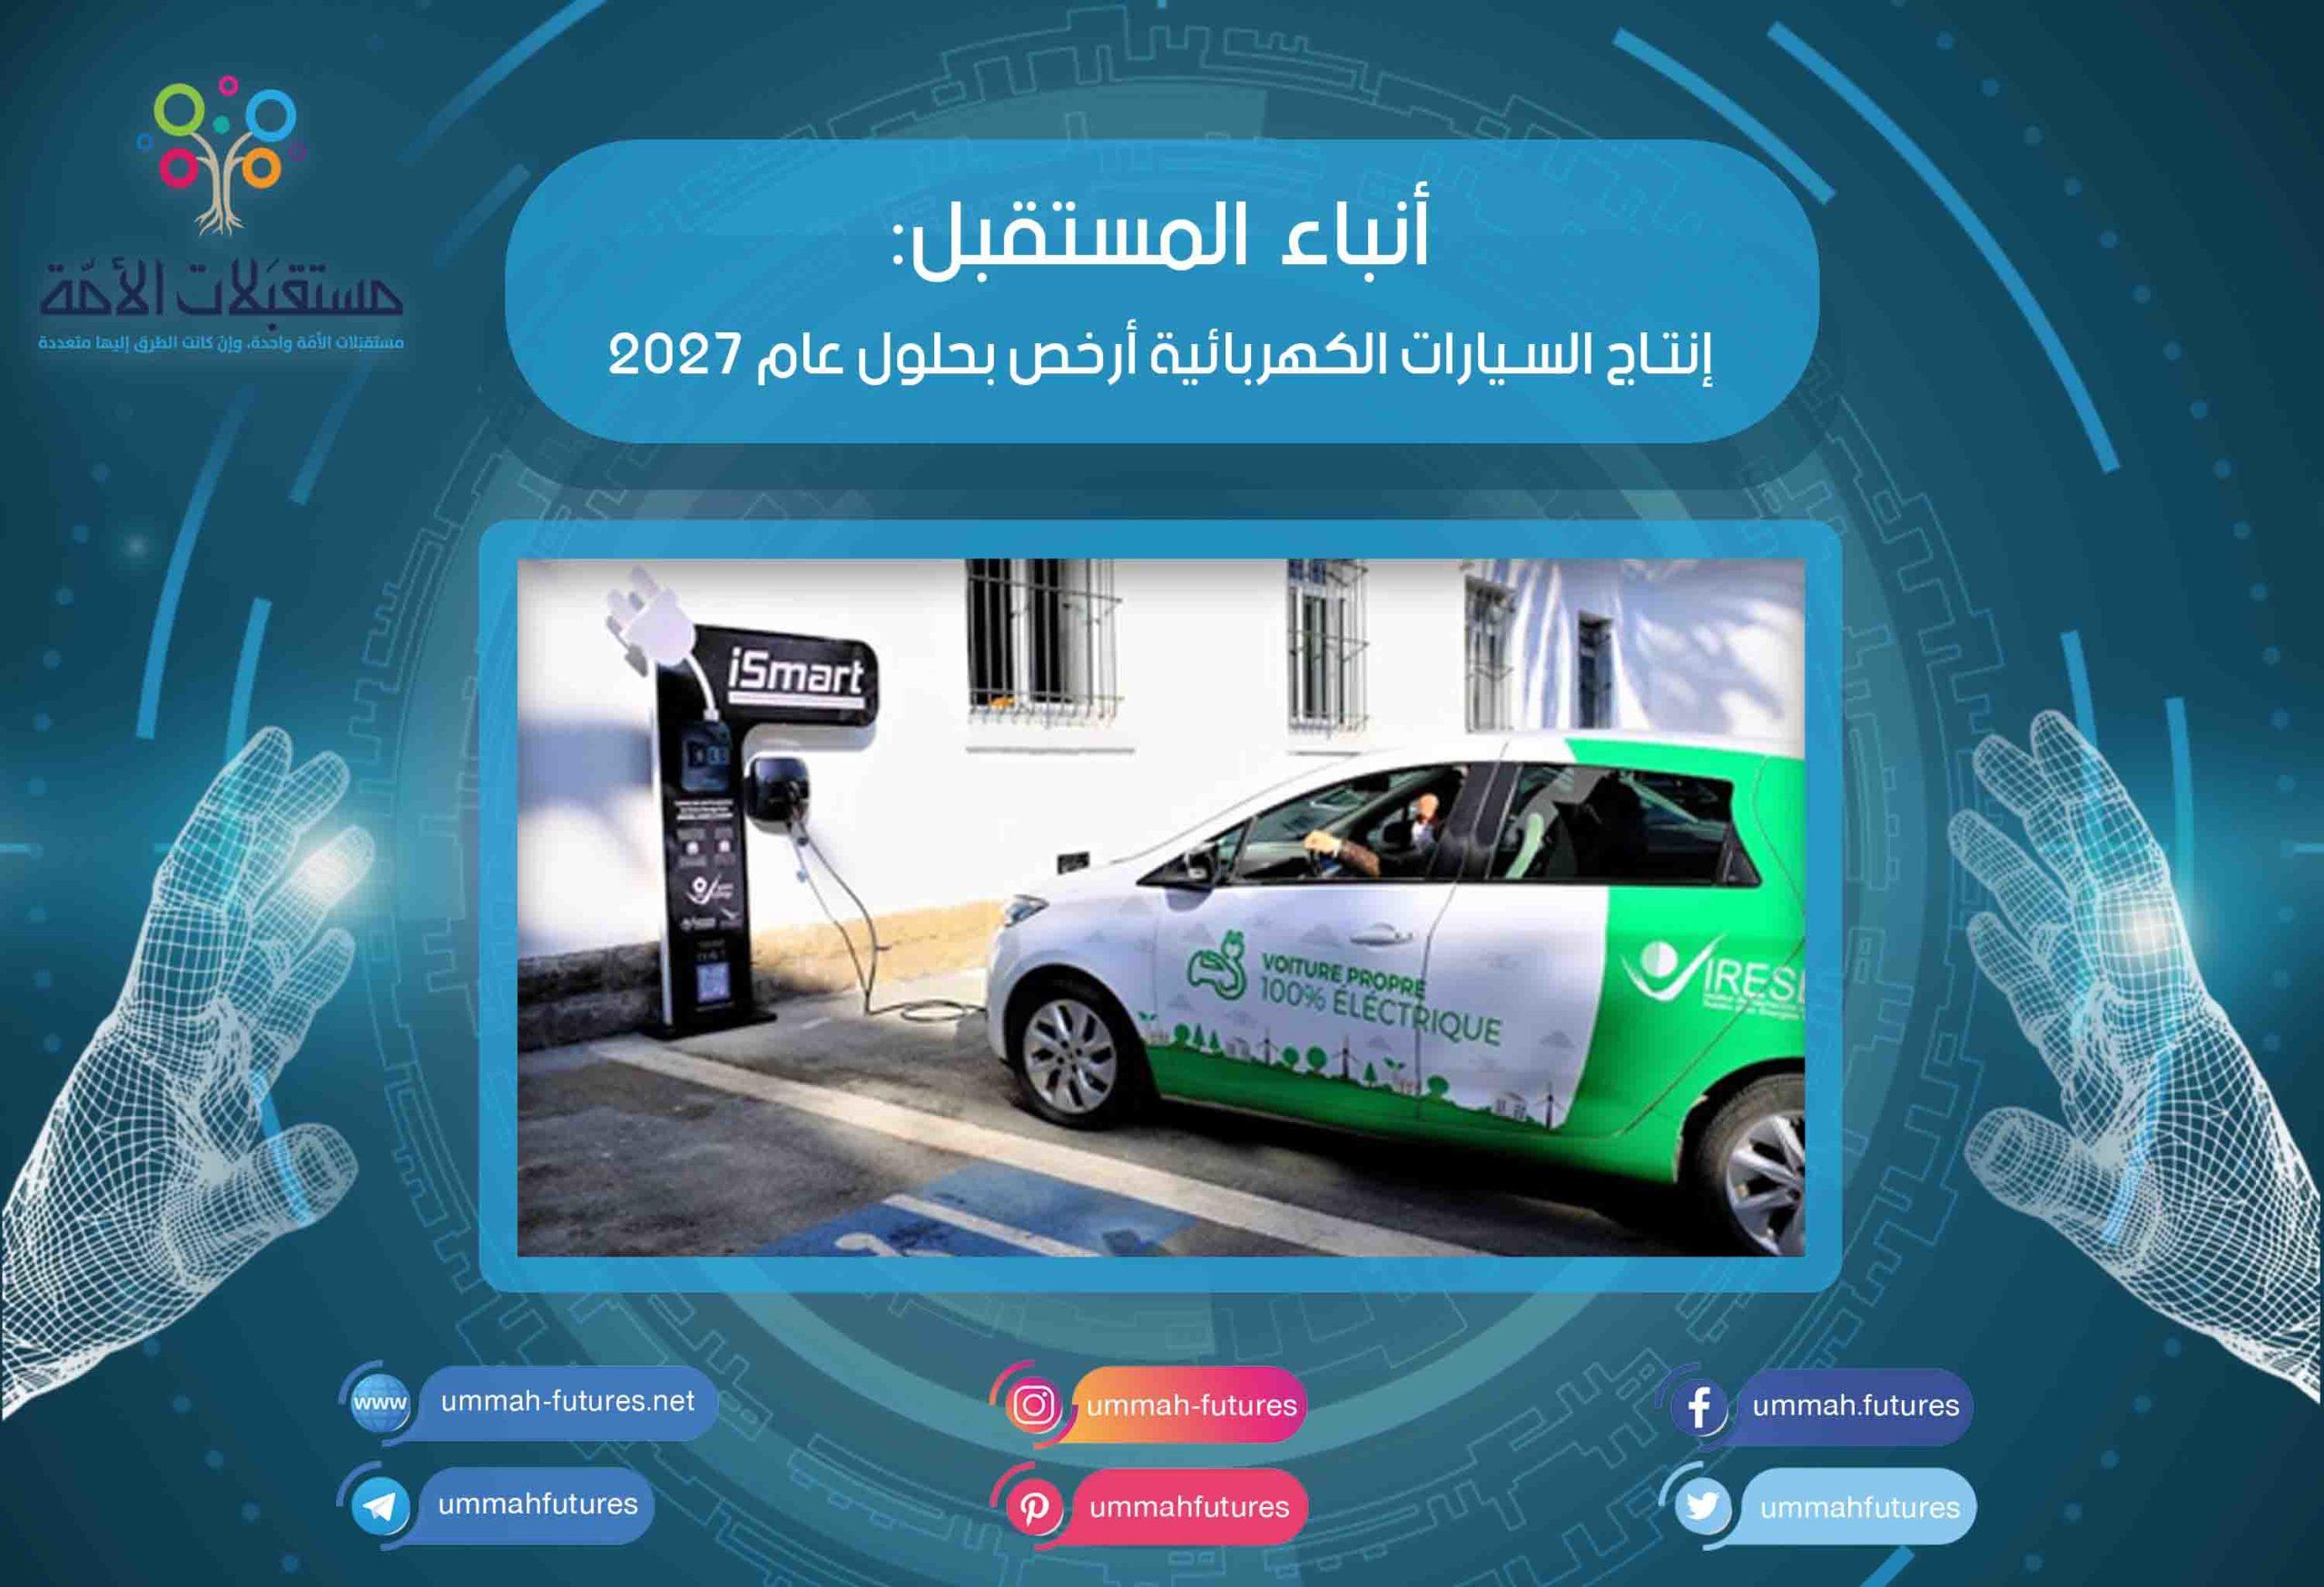 إنتاج السيارات الكهربائية أرخص بحلول عام 2027